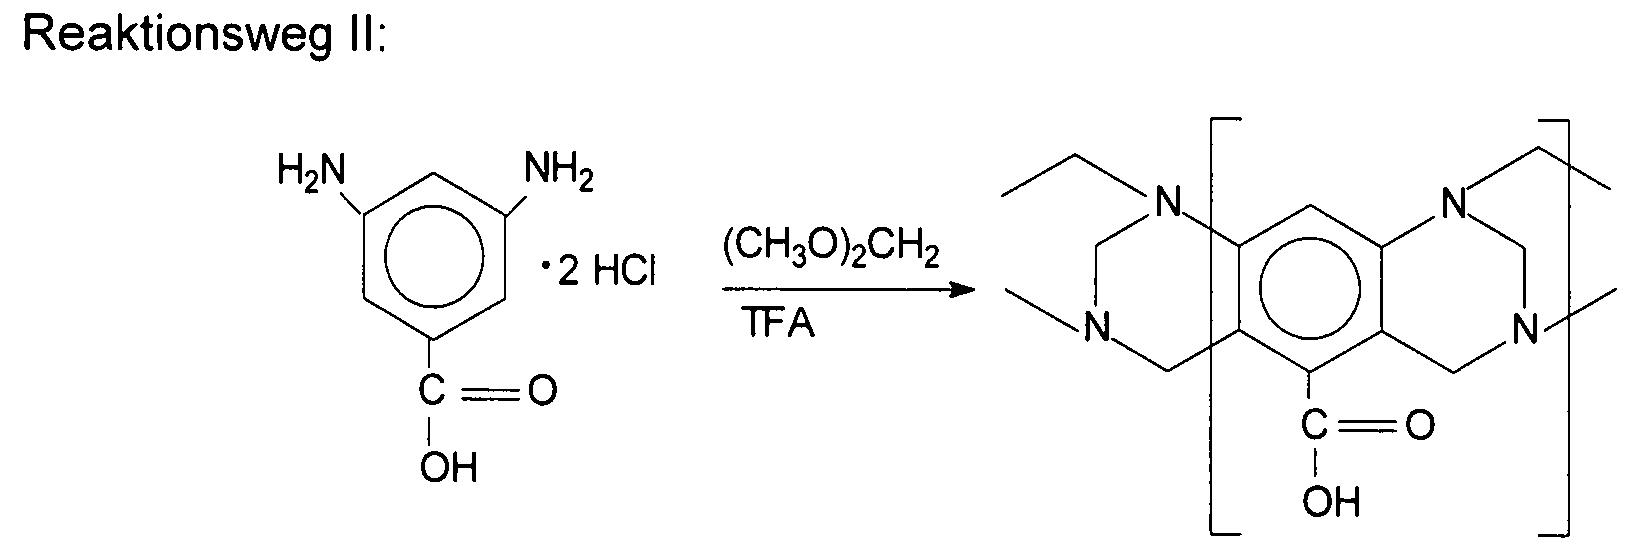 Figure DE112016005378T5_0016